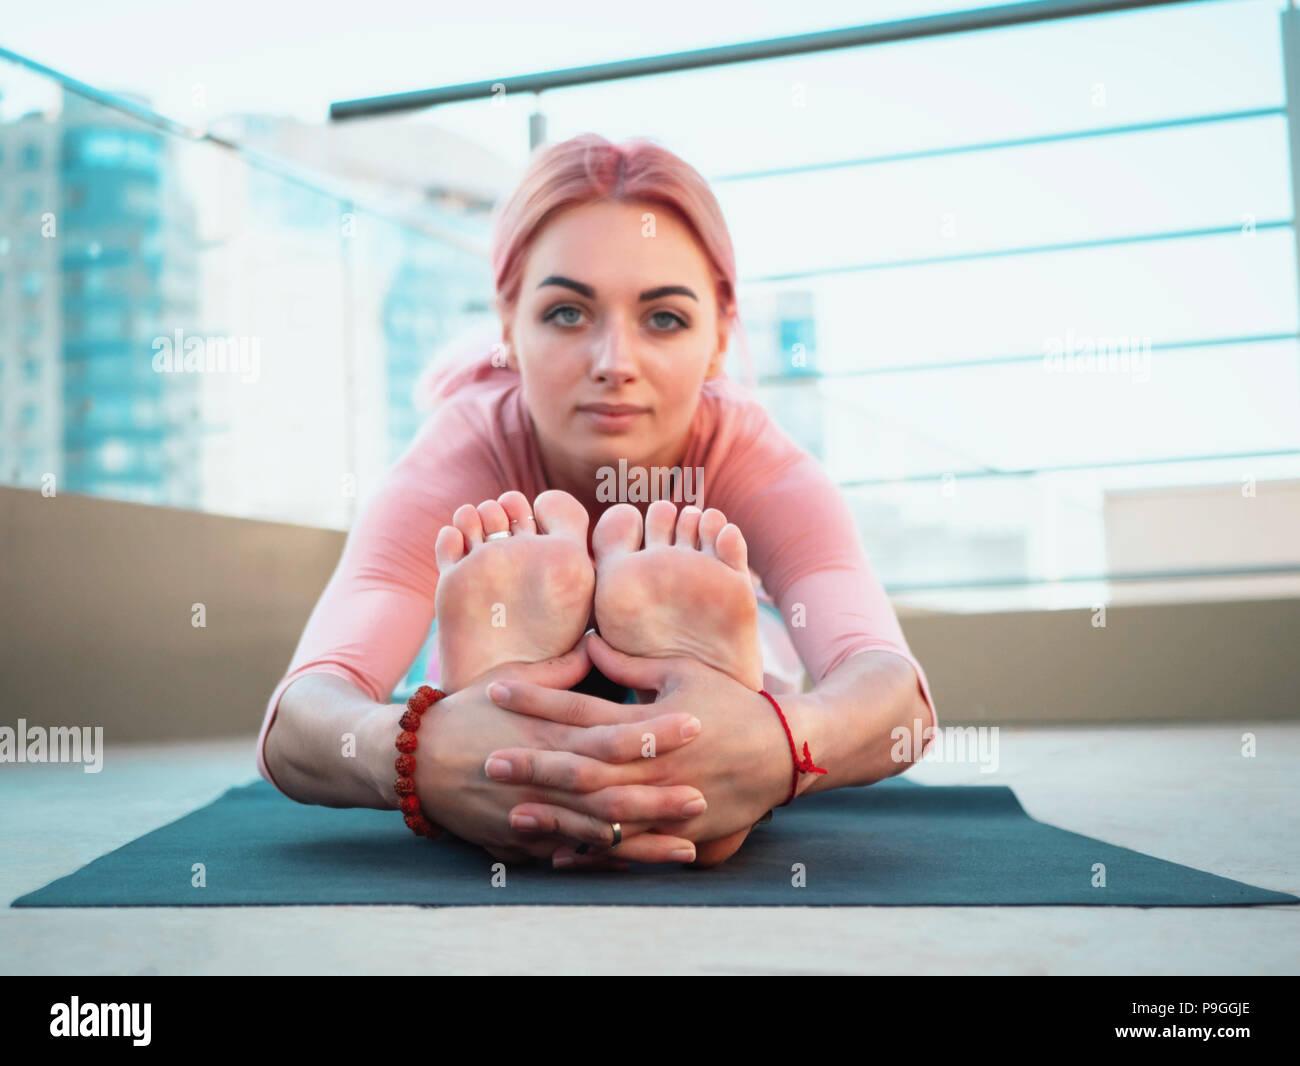 Joven mujer delgada de color rosa con el cabello teñido haciendo la práctica del yoga en la terraza de la ciudad moderna. Chica mantenerse en forma y cuerpo sano relajante en la azotea durante la práctica plantean Imagen De Stock